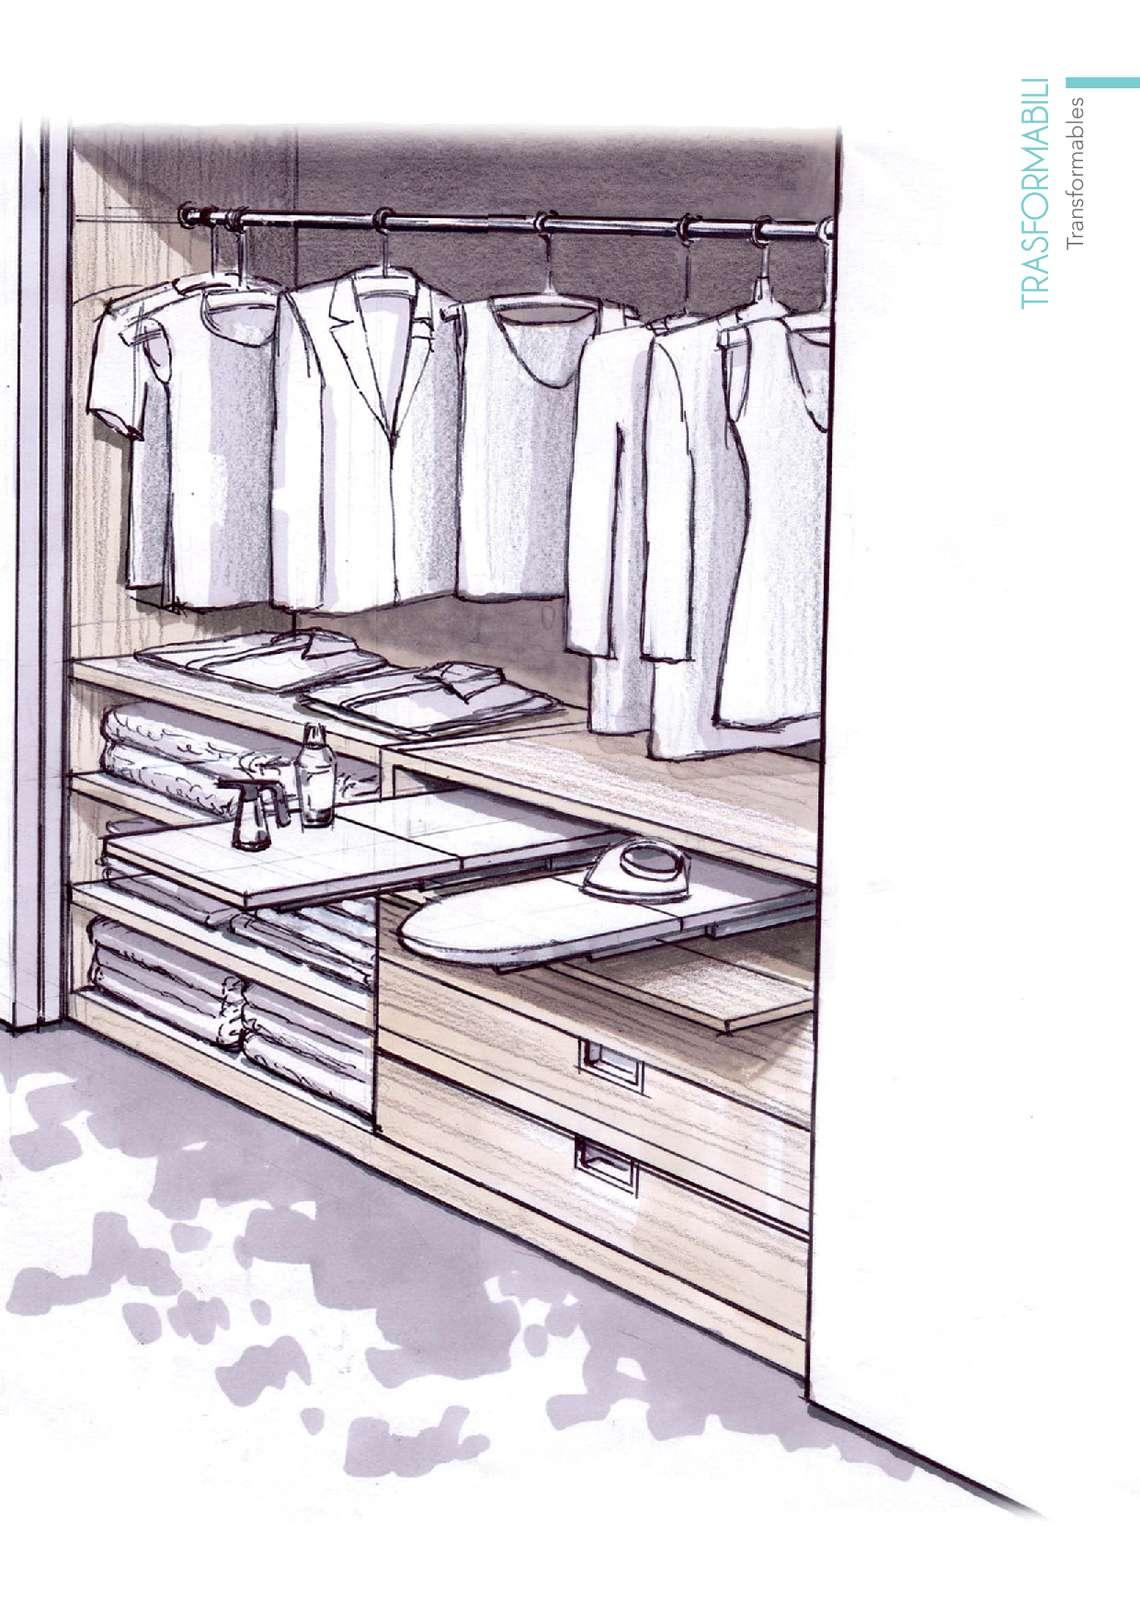 catalogo-trasformabili-atim_22_084.jpg